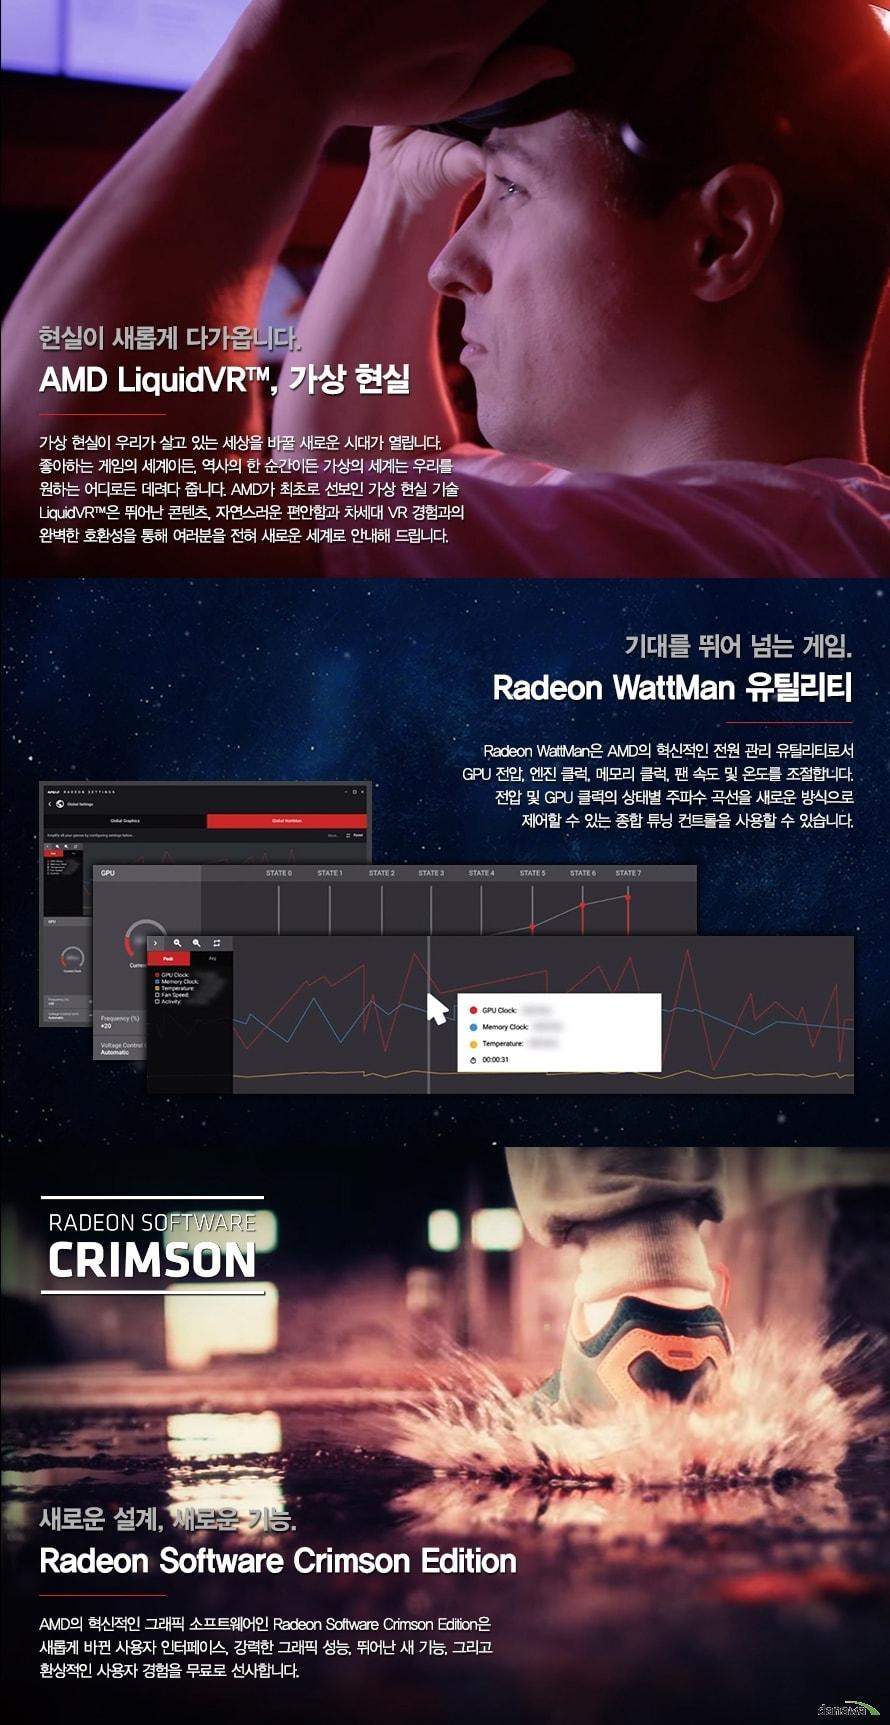 가상현실 VR 게이밍, 라데온 와트맨 유틸리티, 라데온 소프트웨어 크림슨 에디션 지원